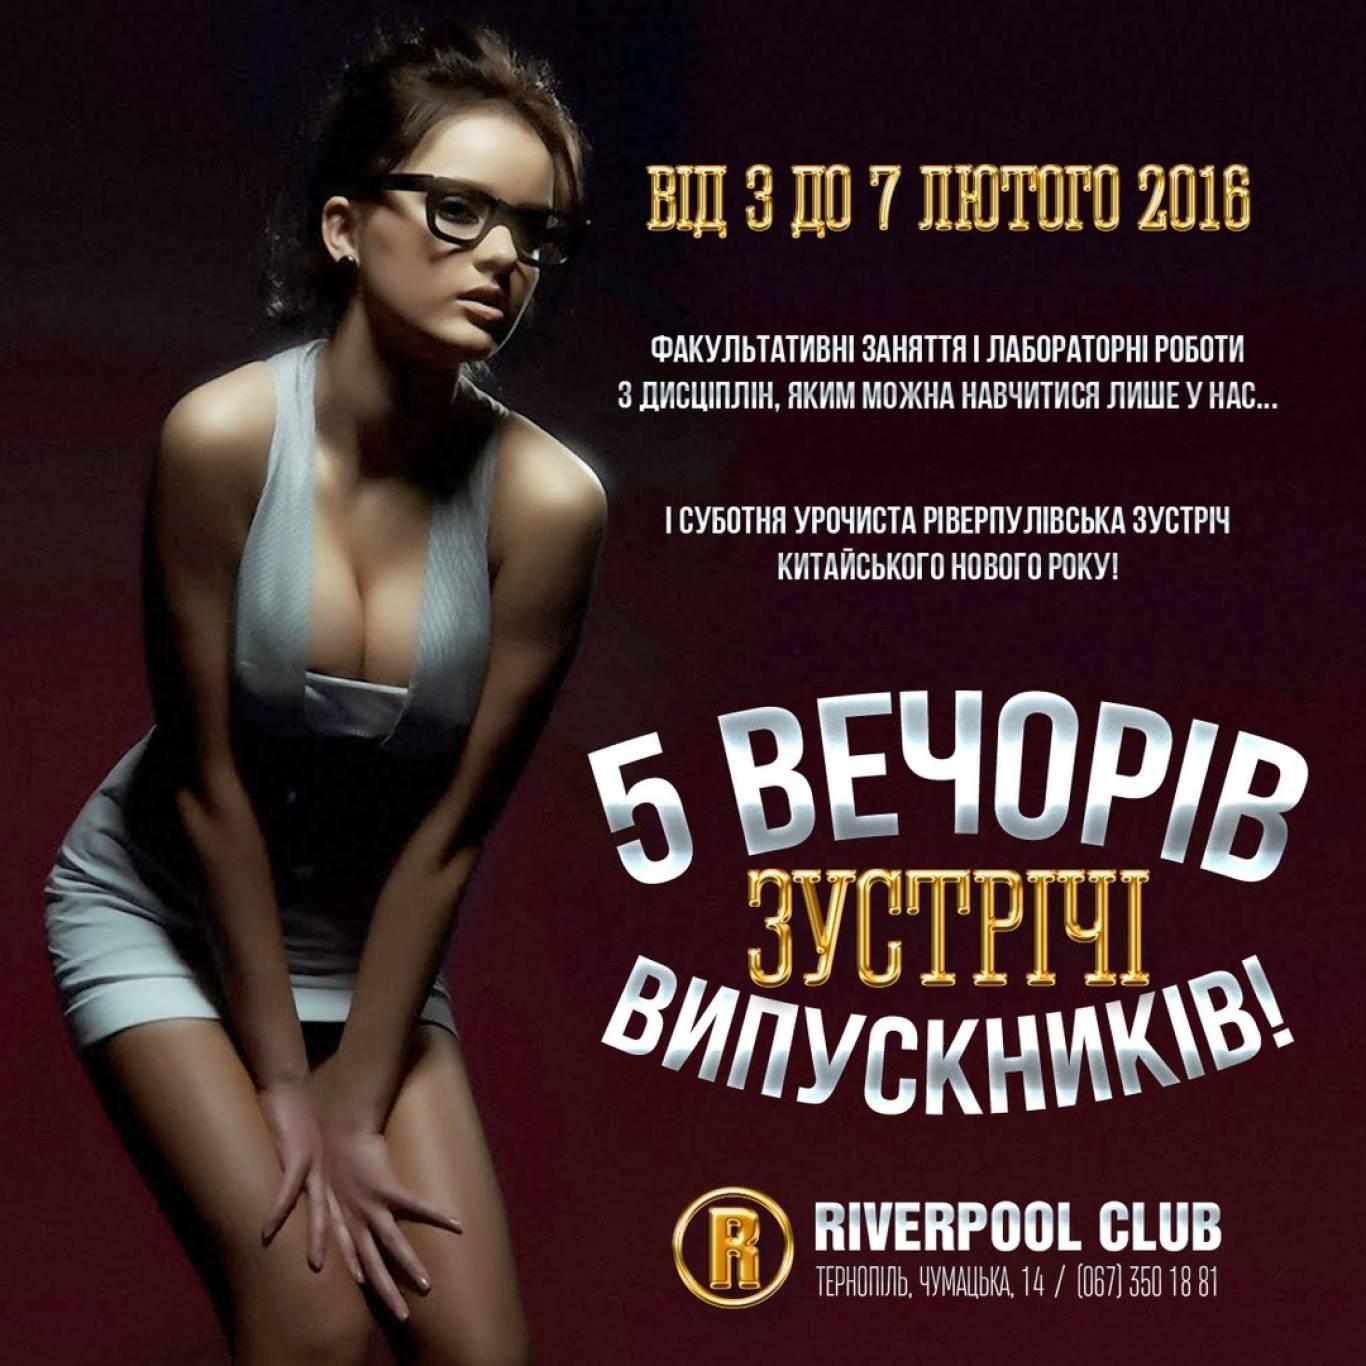 Вечірки у Riverpool